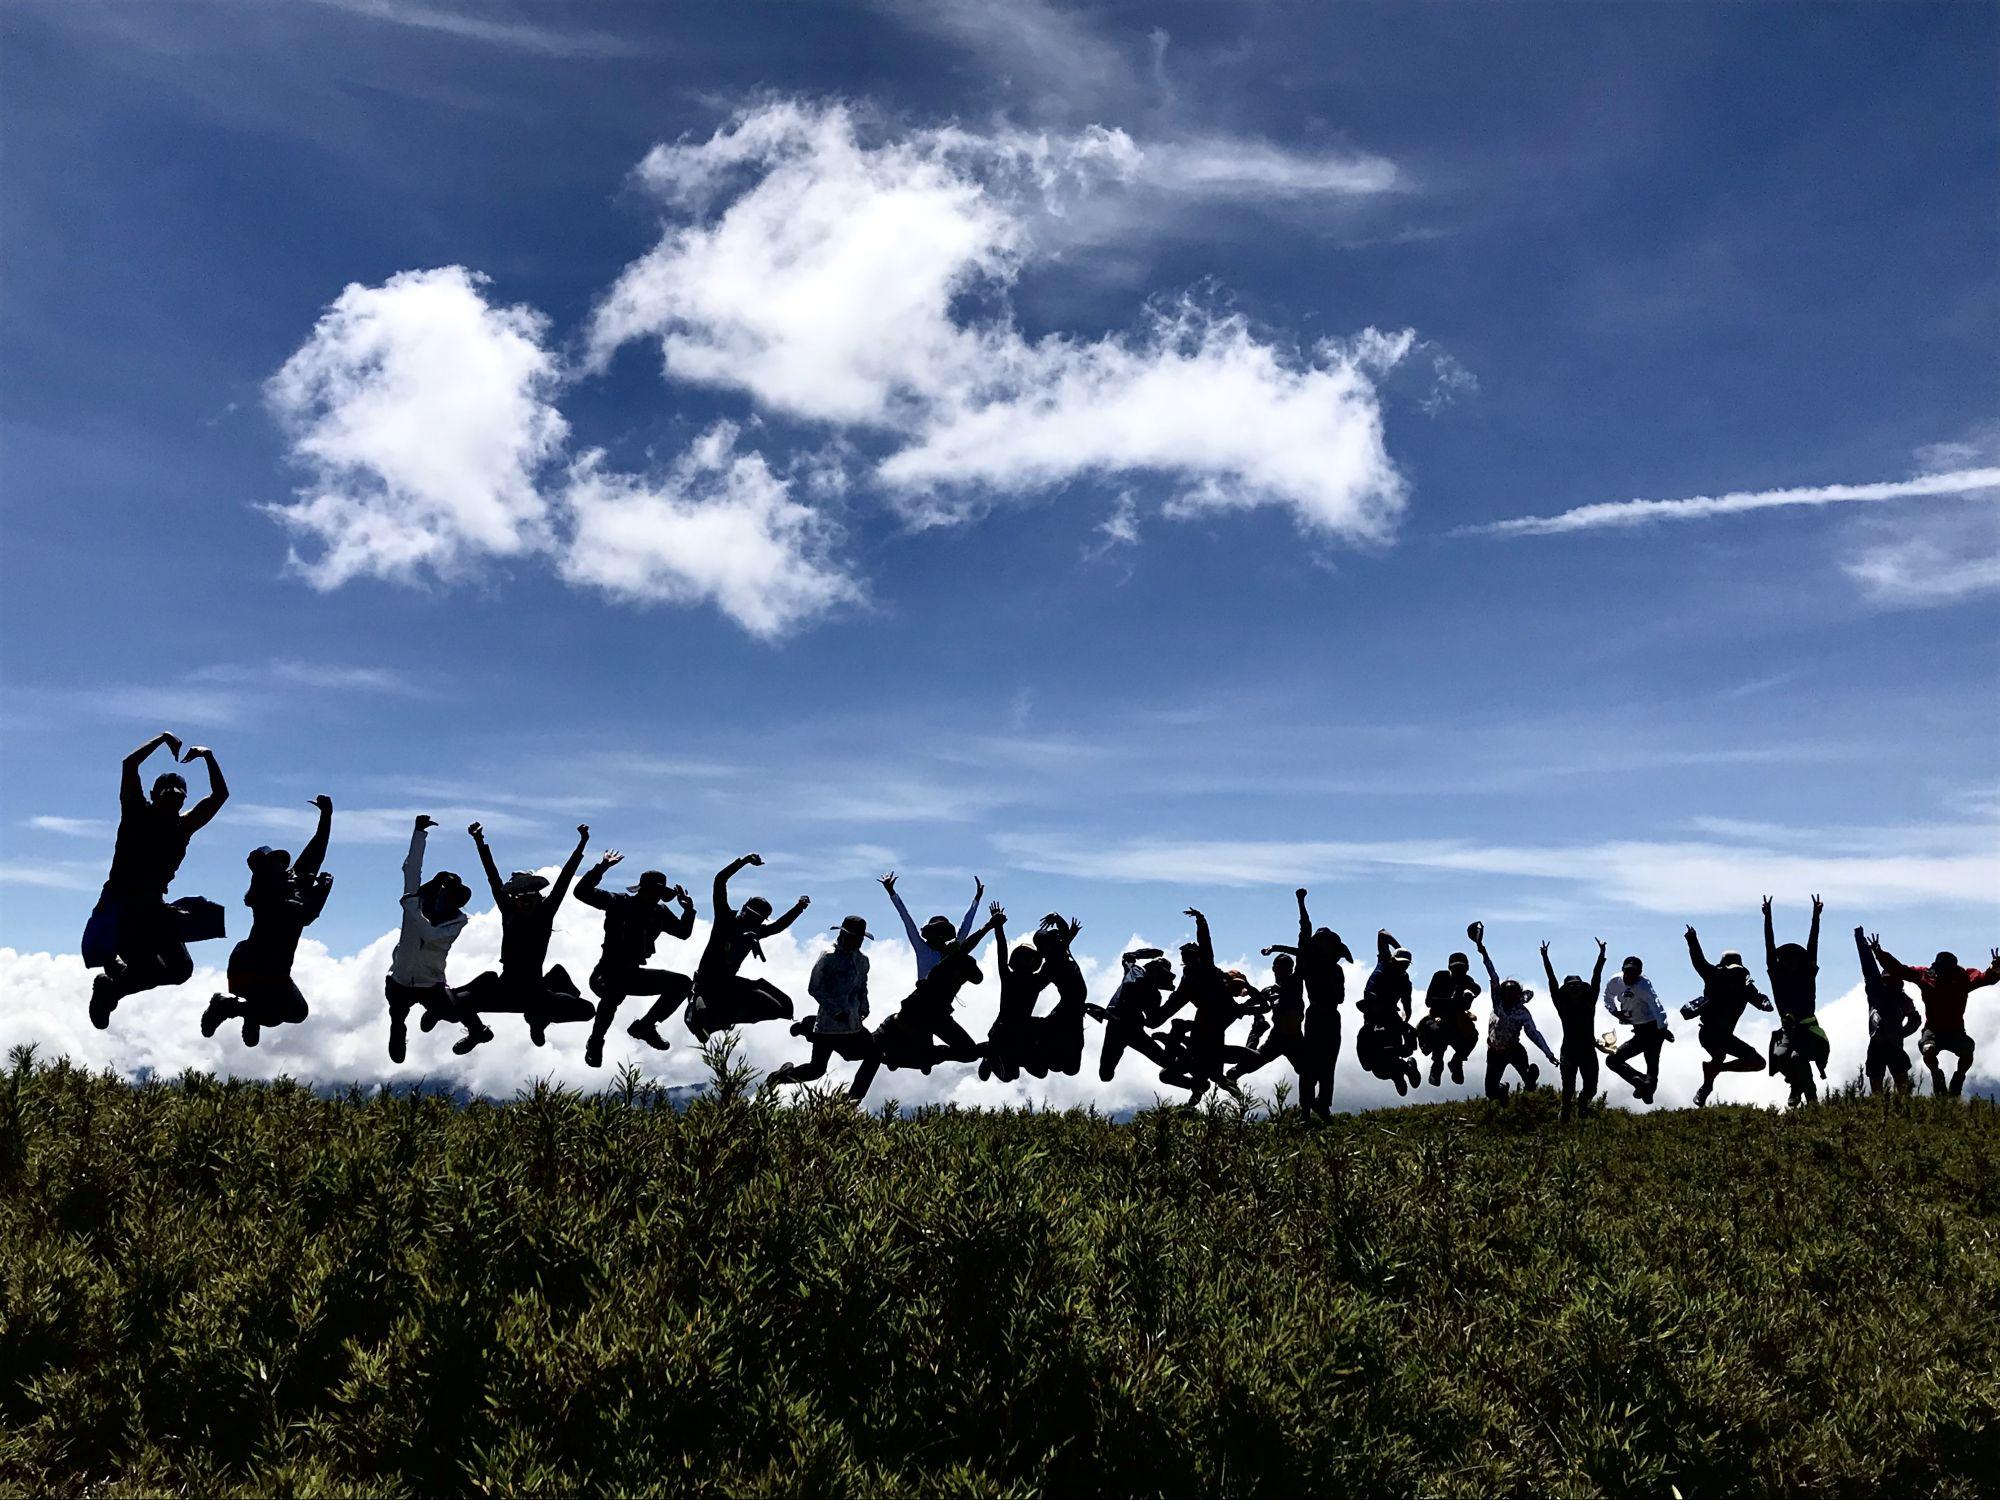 雲門舞集2020年新作《定光》10月首演!藝術總監鄭宗龍將大自然化為舞蹈藝術,攜手聲音藝術家打造視覺與聽覺的衝突體驗